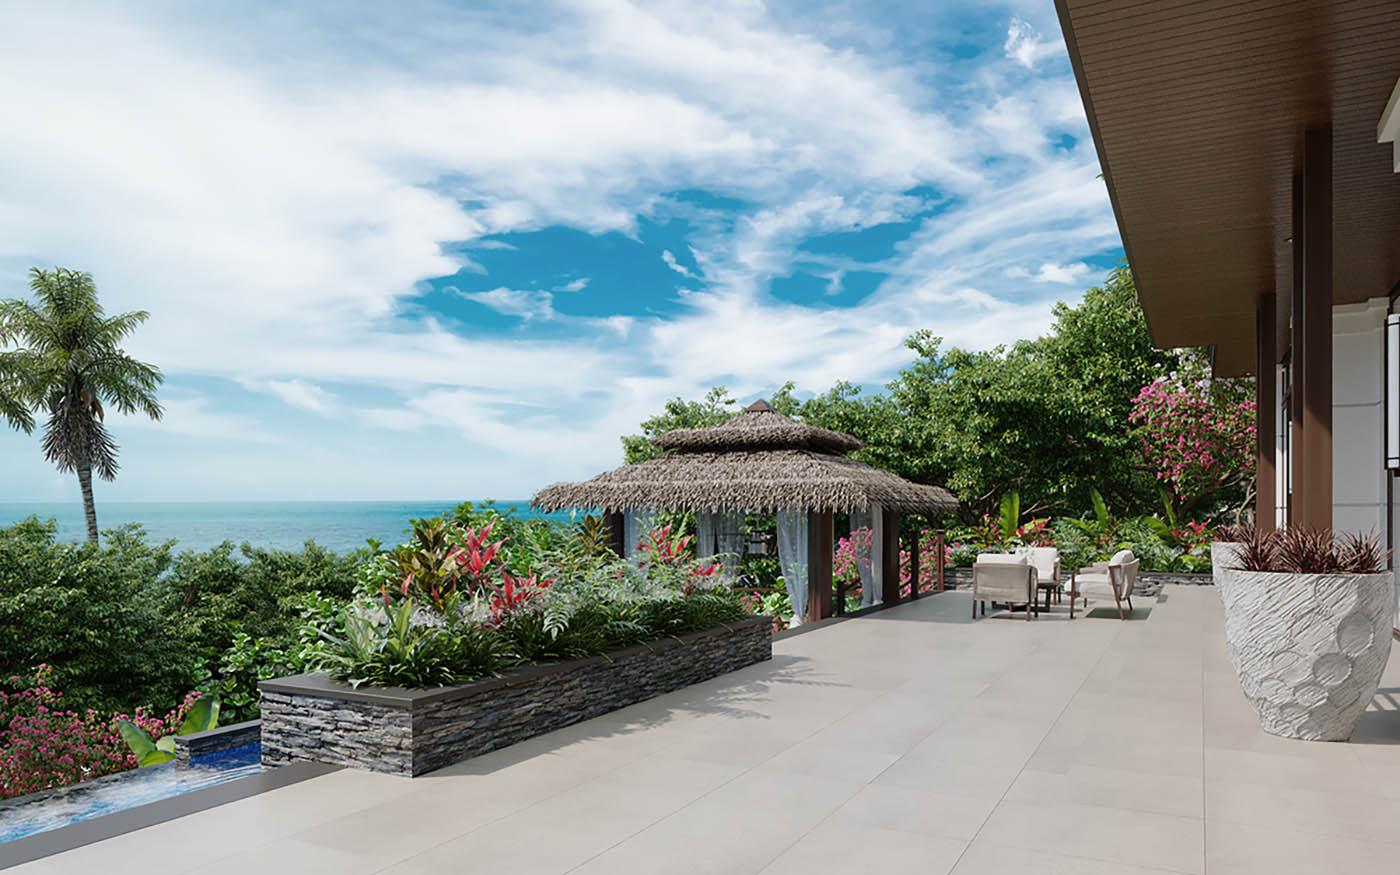 El Nido Beach Resort Philipines